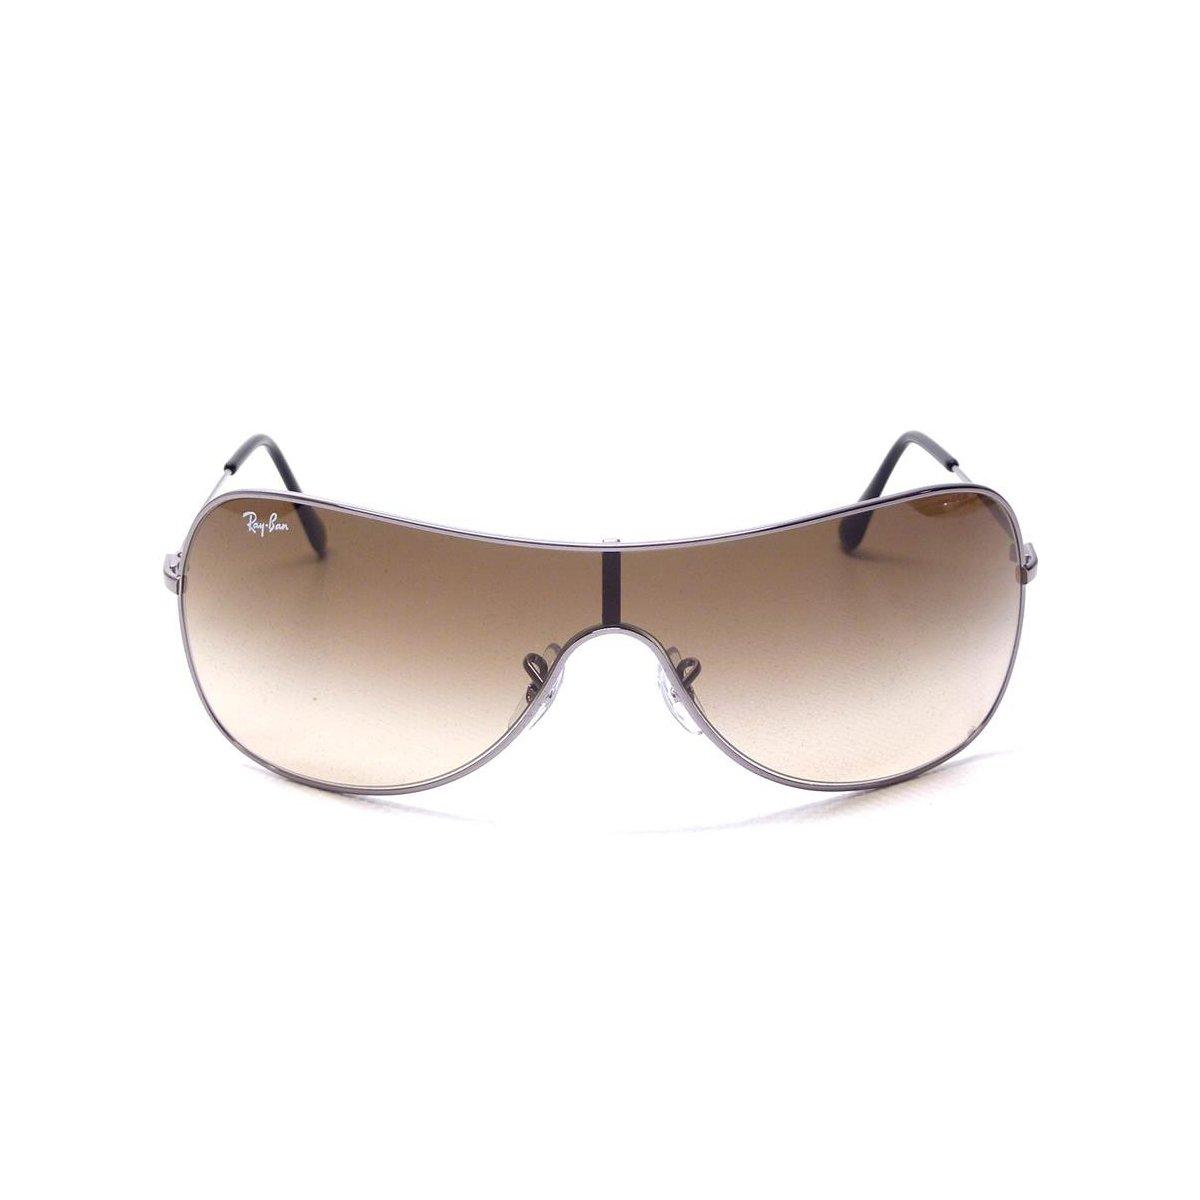 78ad65a7de72a Óculos de Sol Ray Ban - Compre Agora   Netshoes